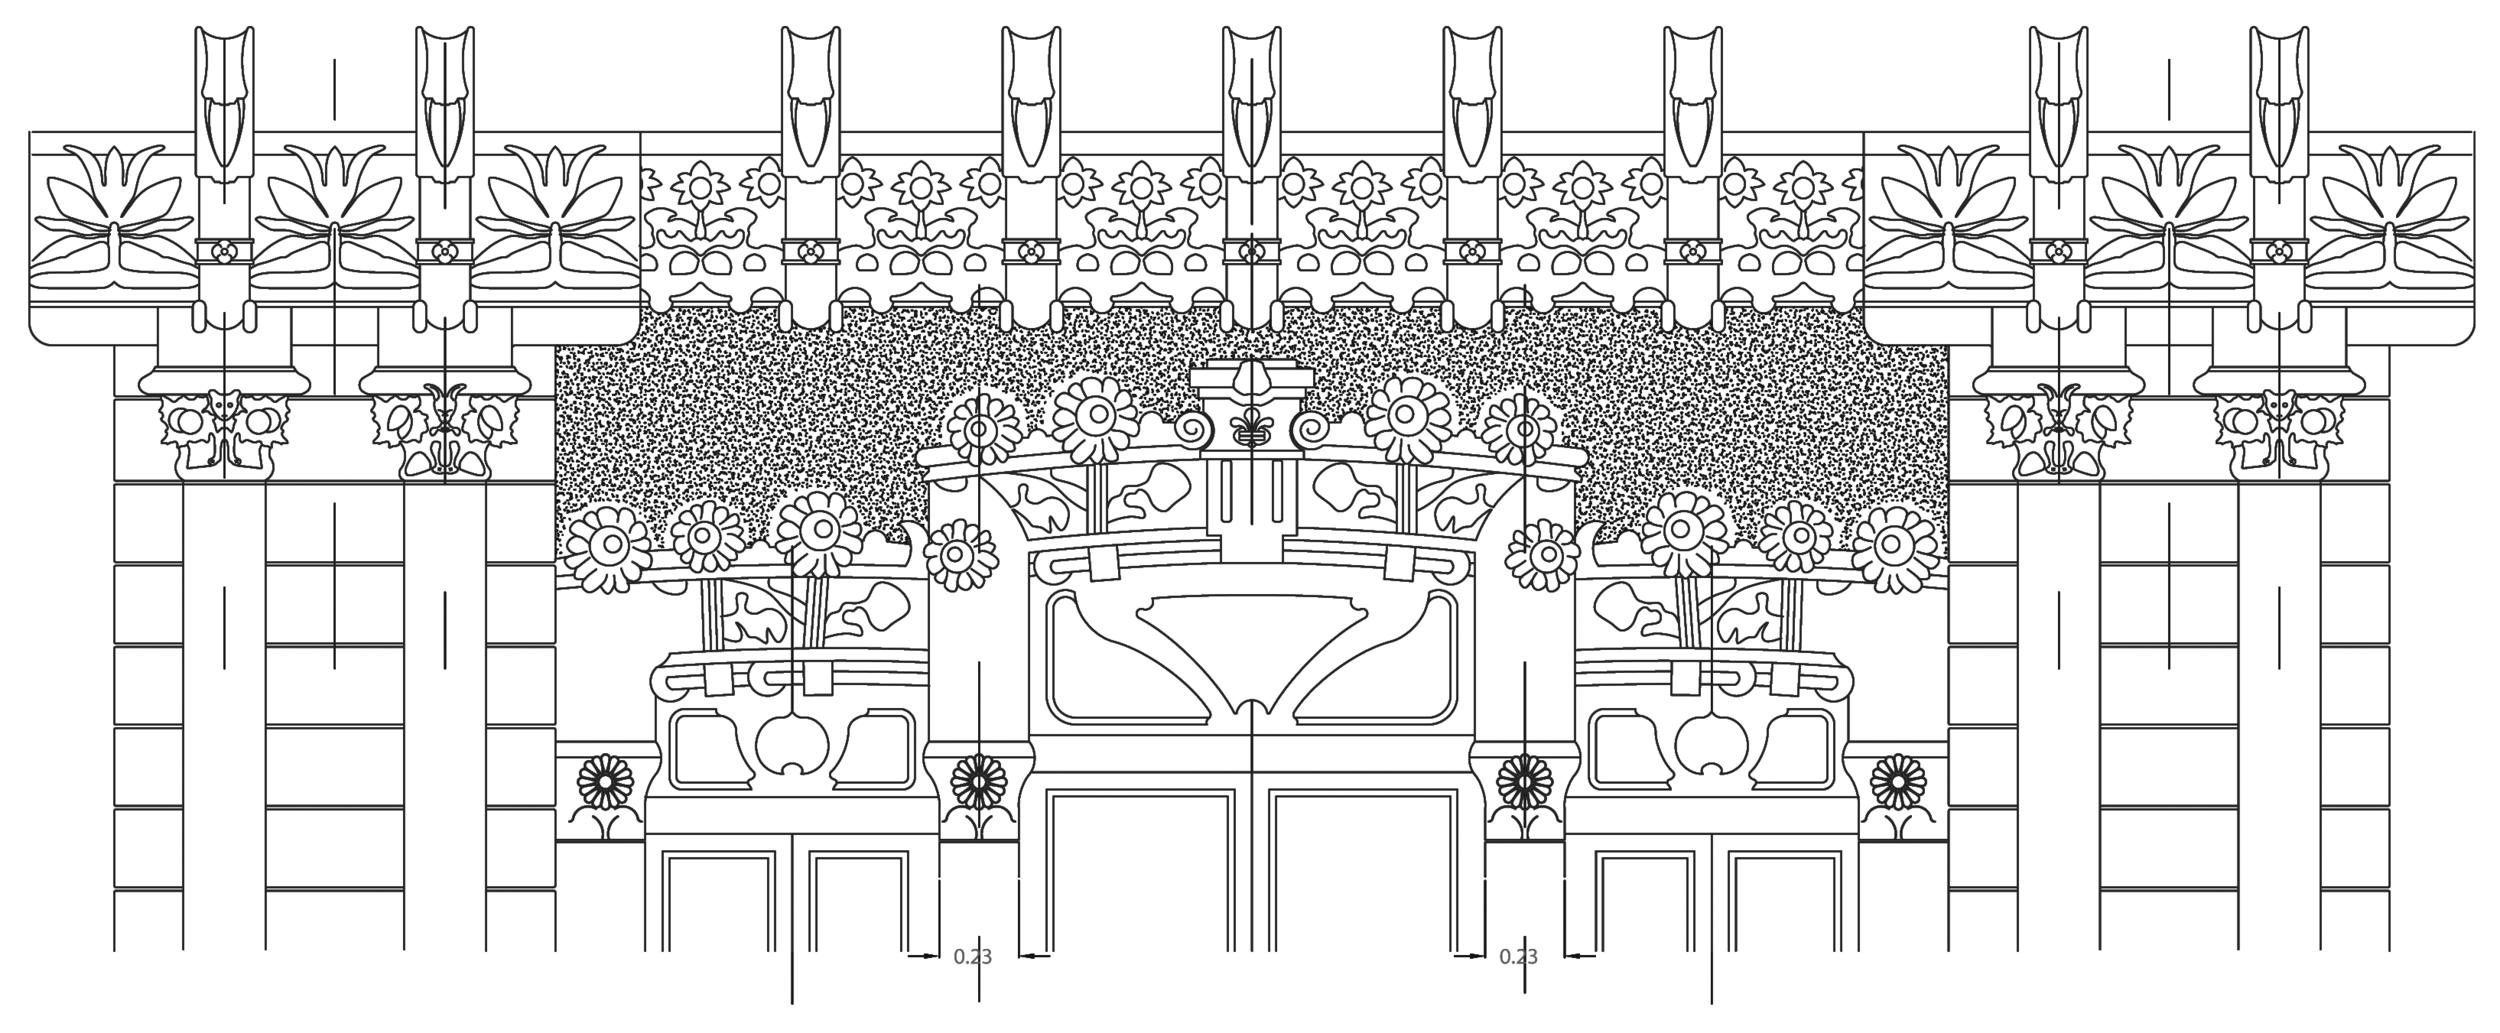 Edificio Steinvorth - El Edificio Steinvorth, también llamado Almacén Steinvorth, es un inmueble de dos pisos ubicado en San José,Costa Rica. Construido en 1907por el italianoFrancesco Tenca Pedrazzini, por encargo de los hermanos Wilhem, Walter y Otto Steinvorth Ulex, comerciantes alemanesradicados en Costa Rica en 1872.